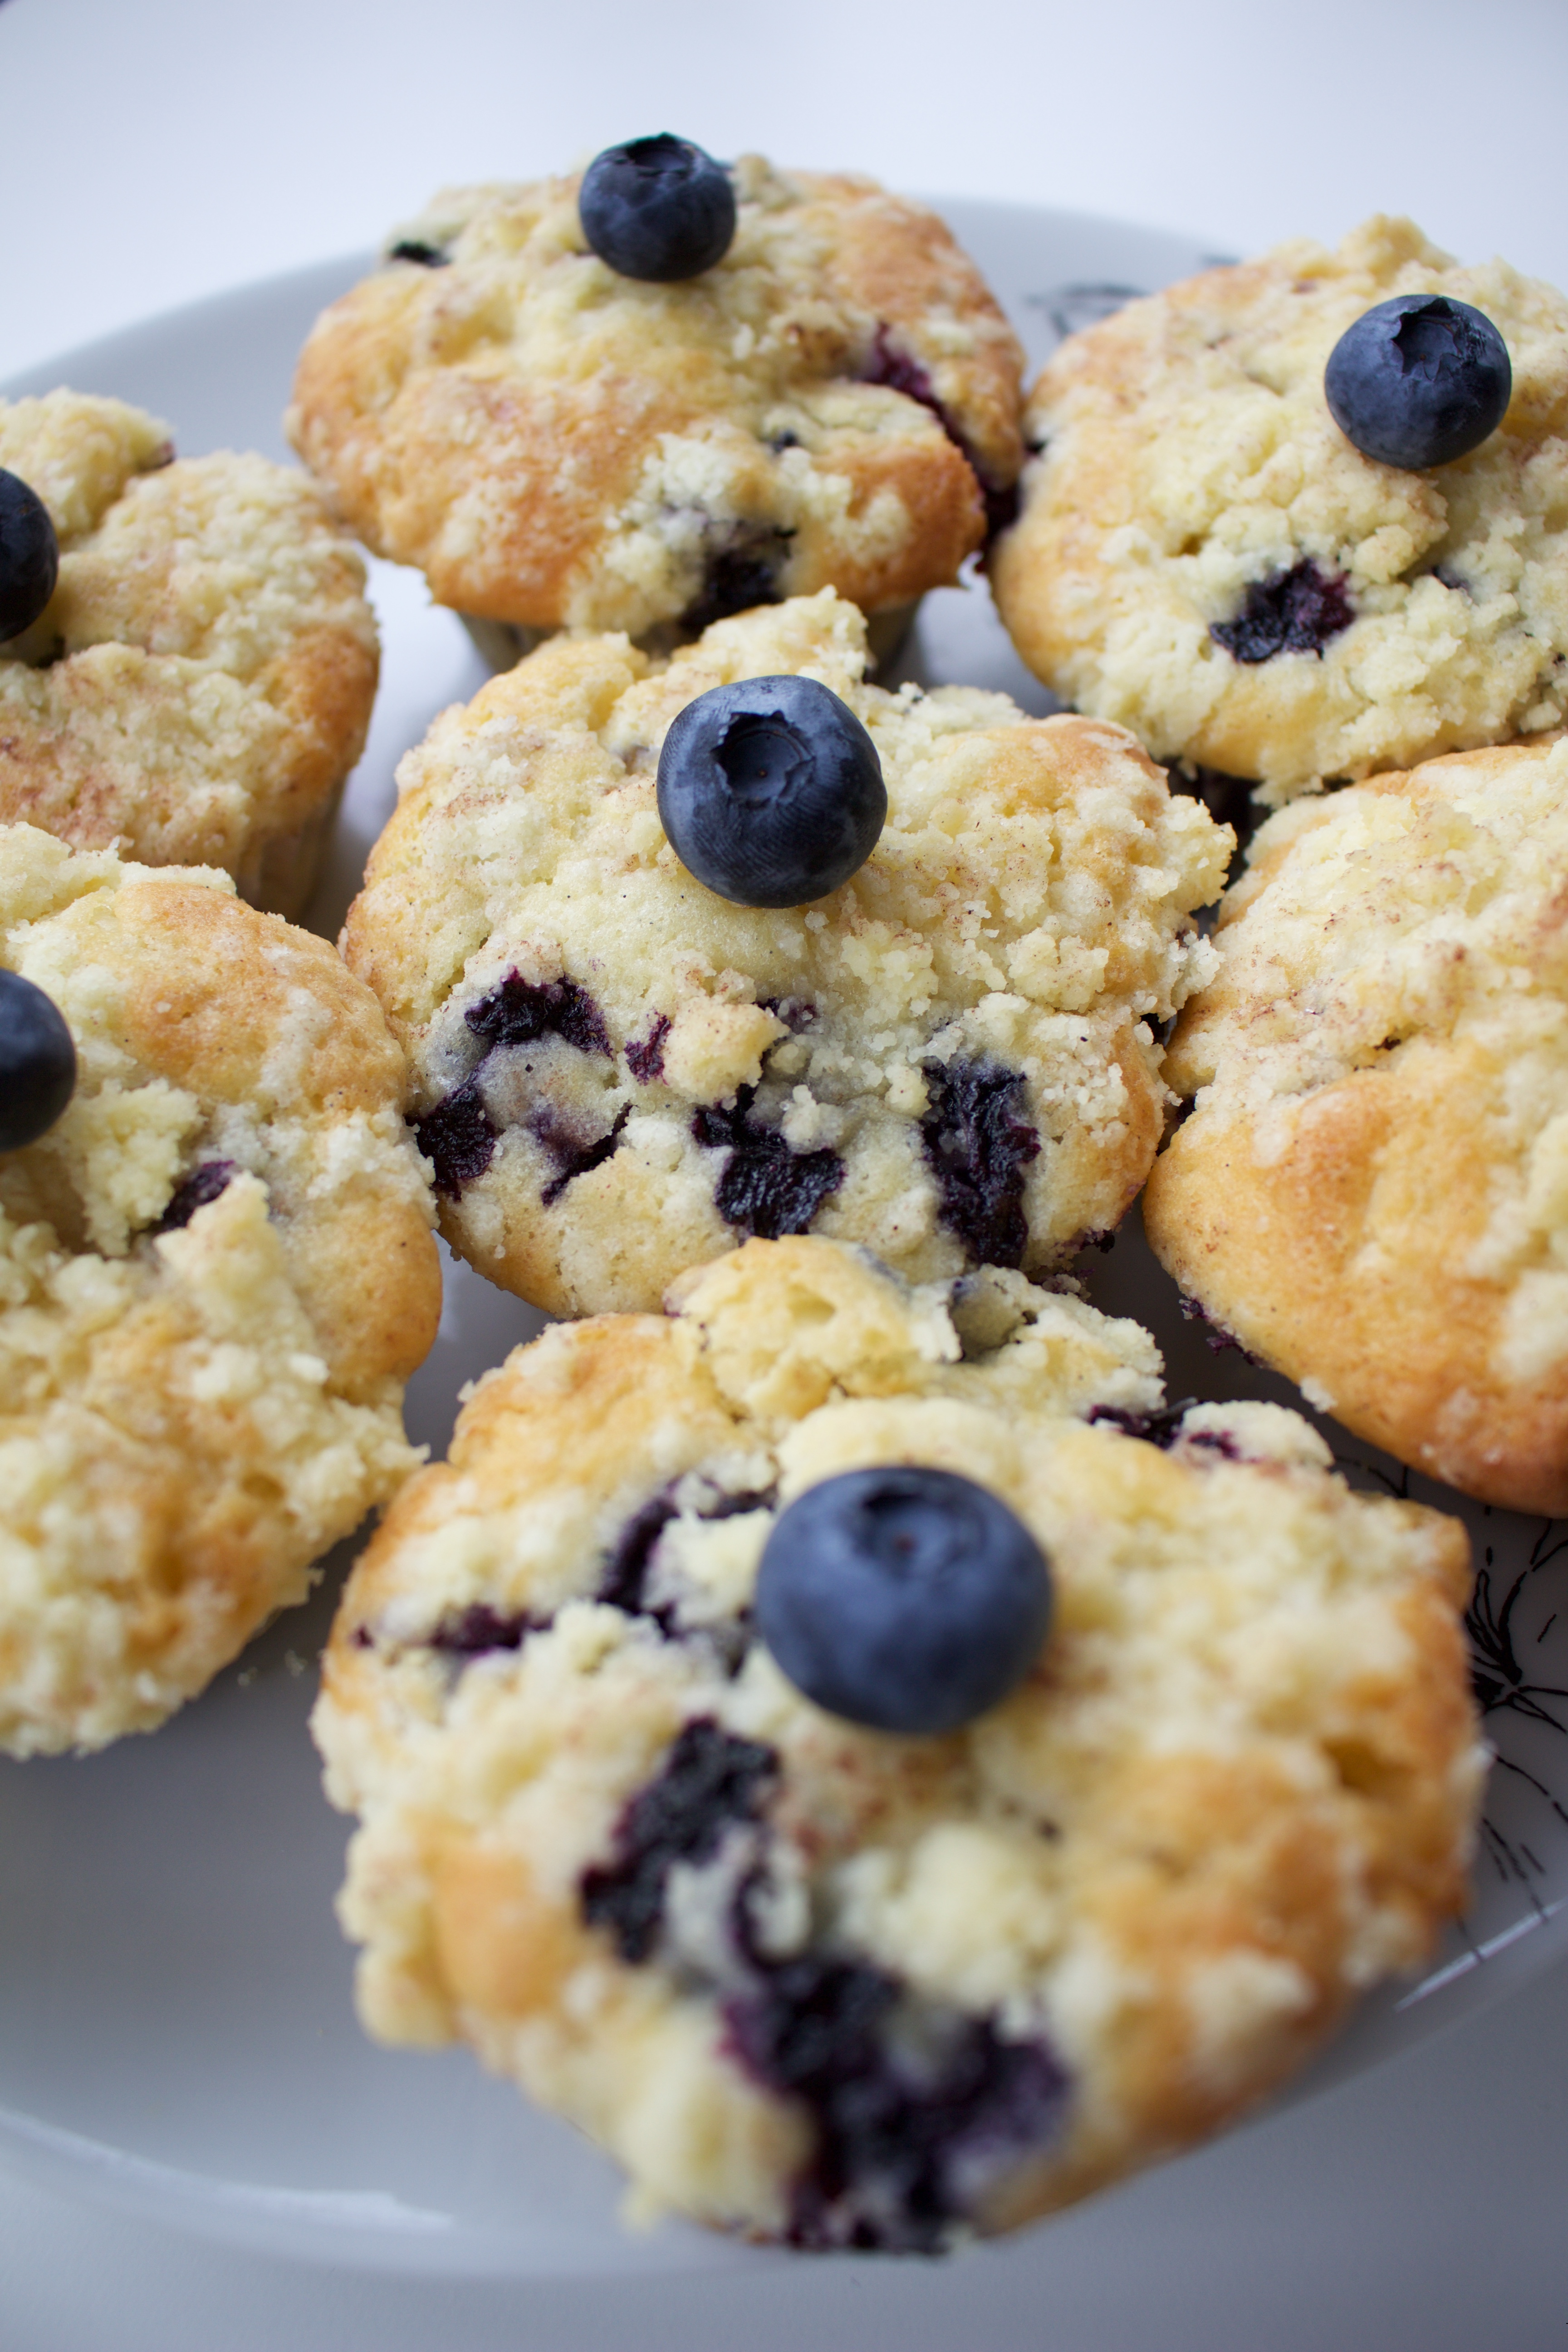 heidelbeer muffins mit wei er schokolade und streuseln stadt land food. Black Bedroom Furniture Sets. Home Design Ideas